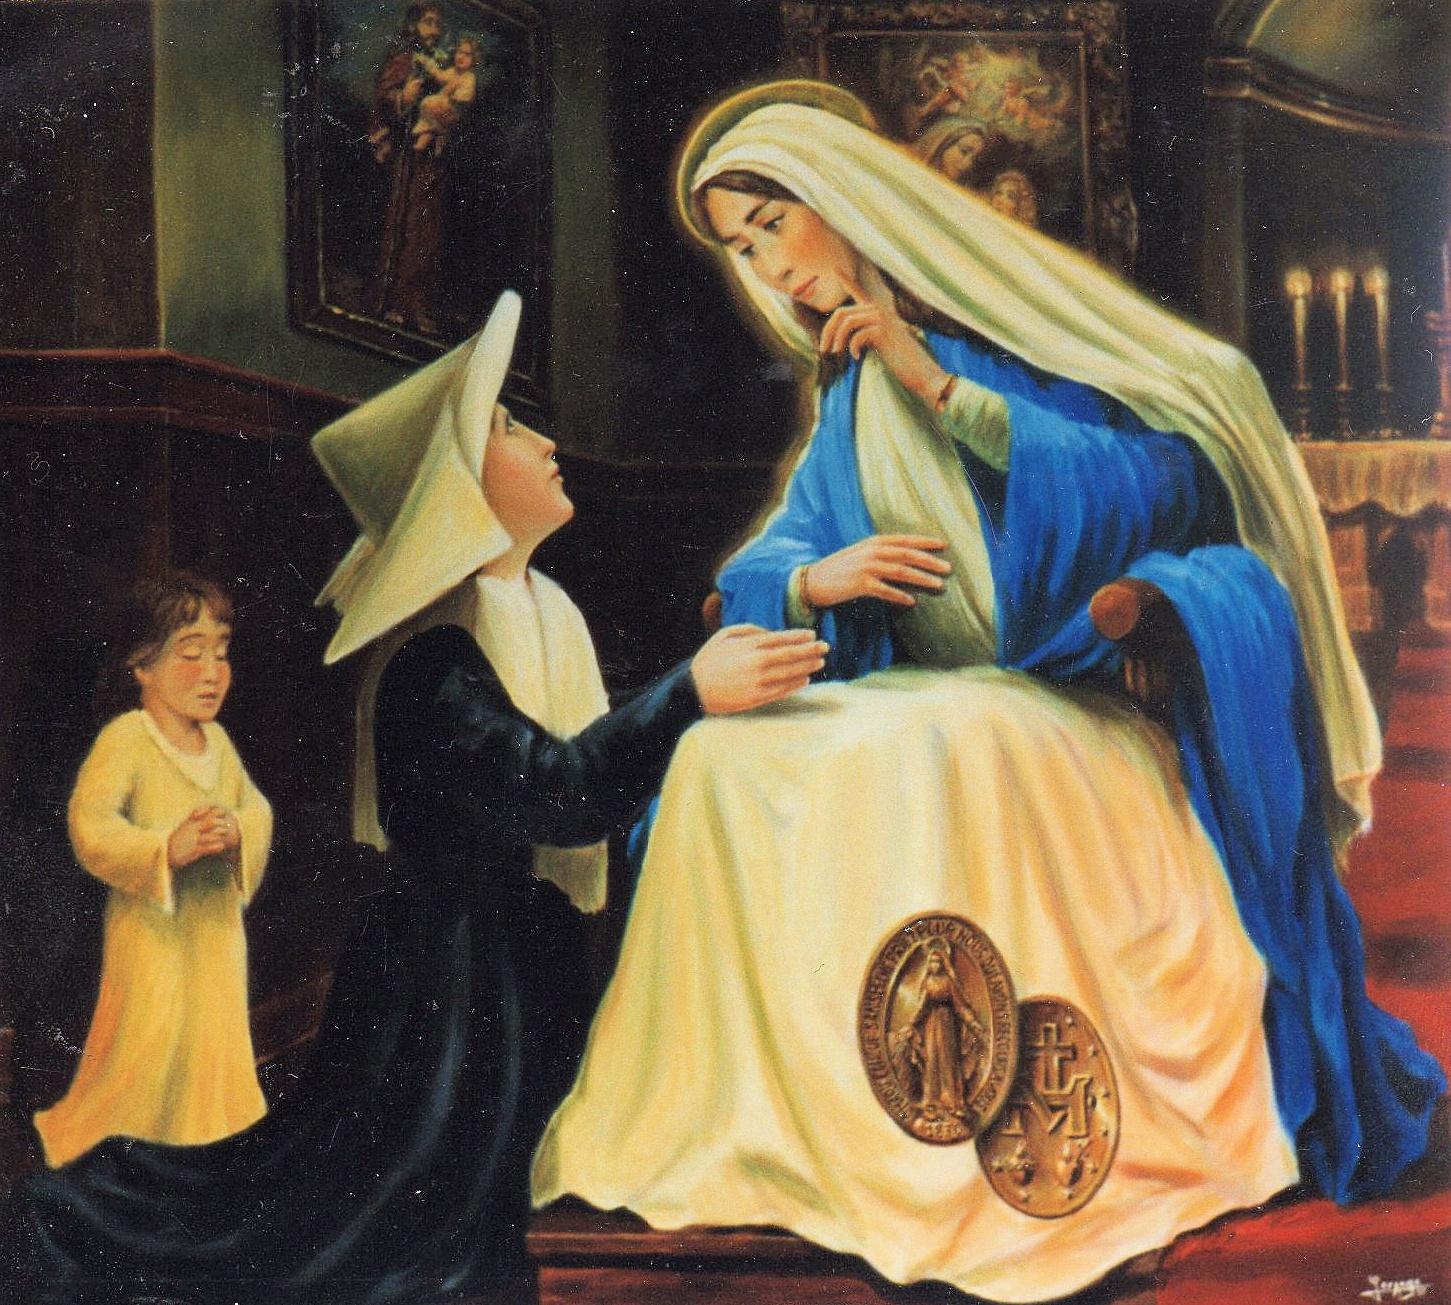 nuestra señora de la medalla milagrosa krouillong comunion en la mano es sacrilegio (2)